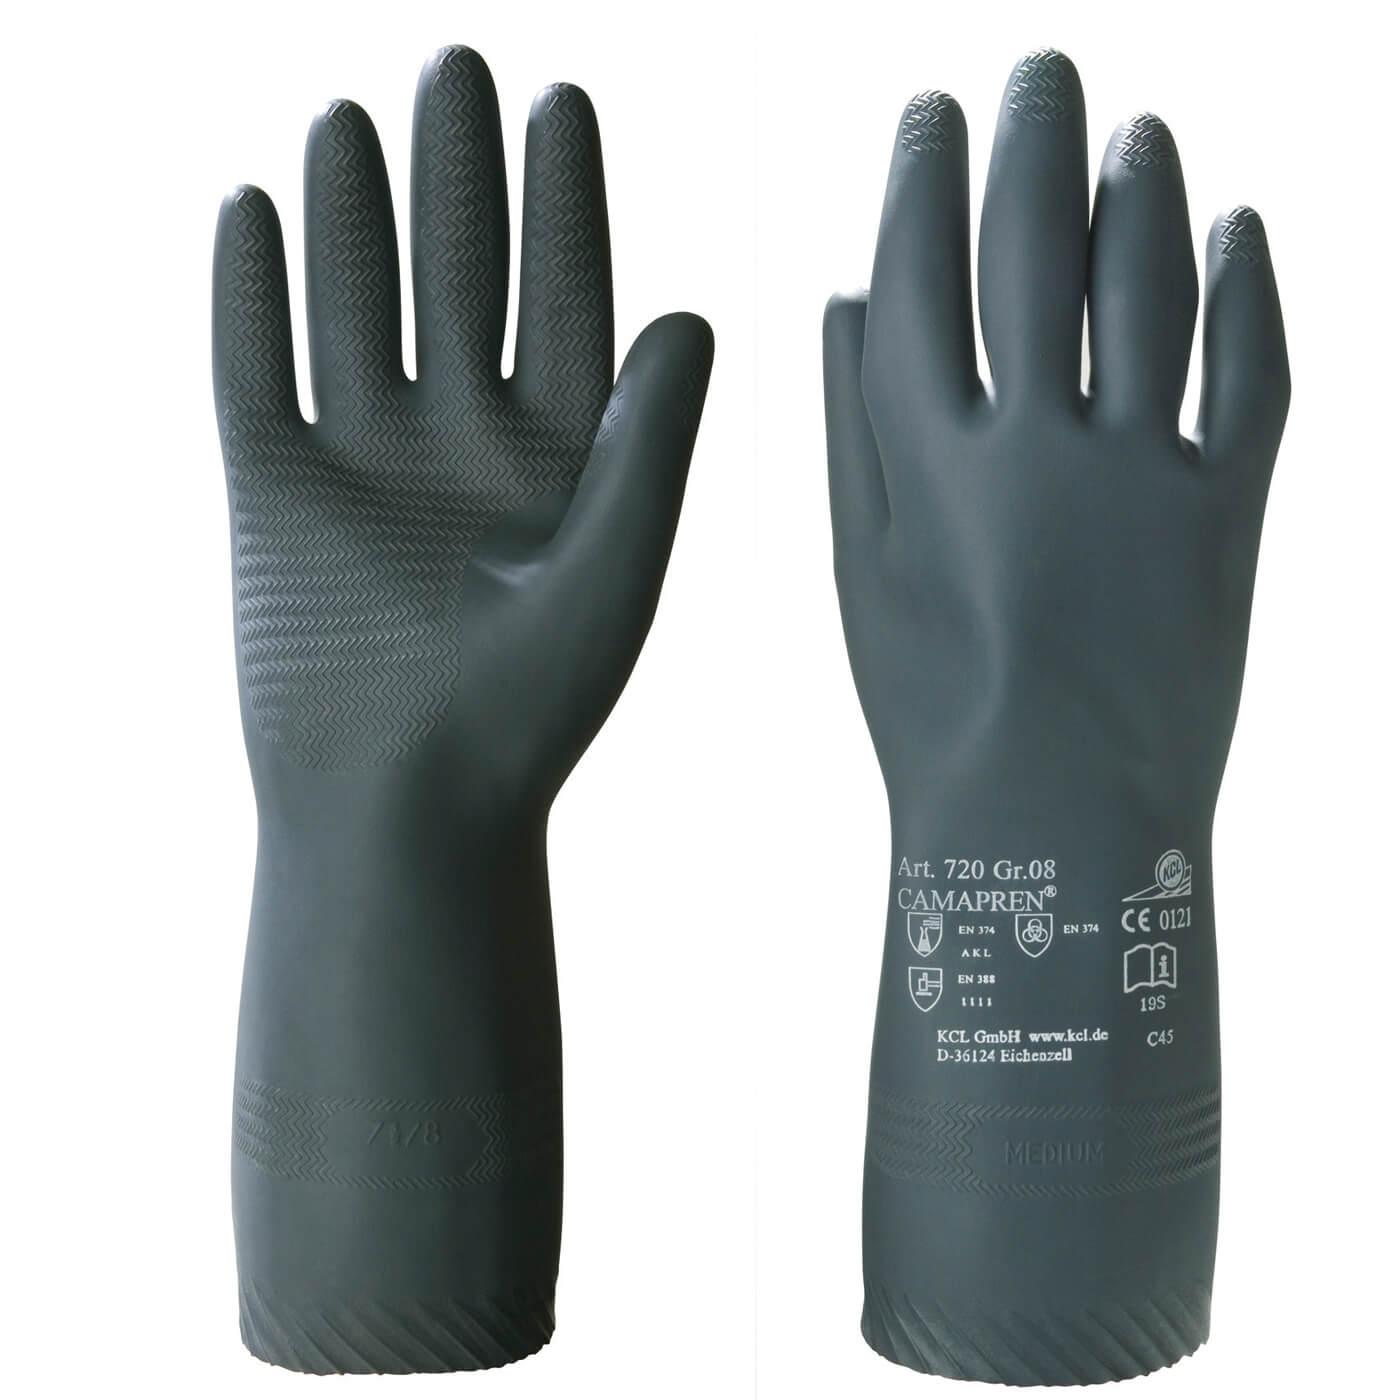 Rękawice chemiczne KCL 720 CAMAPREN